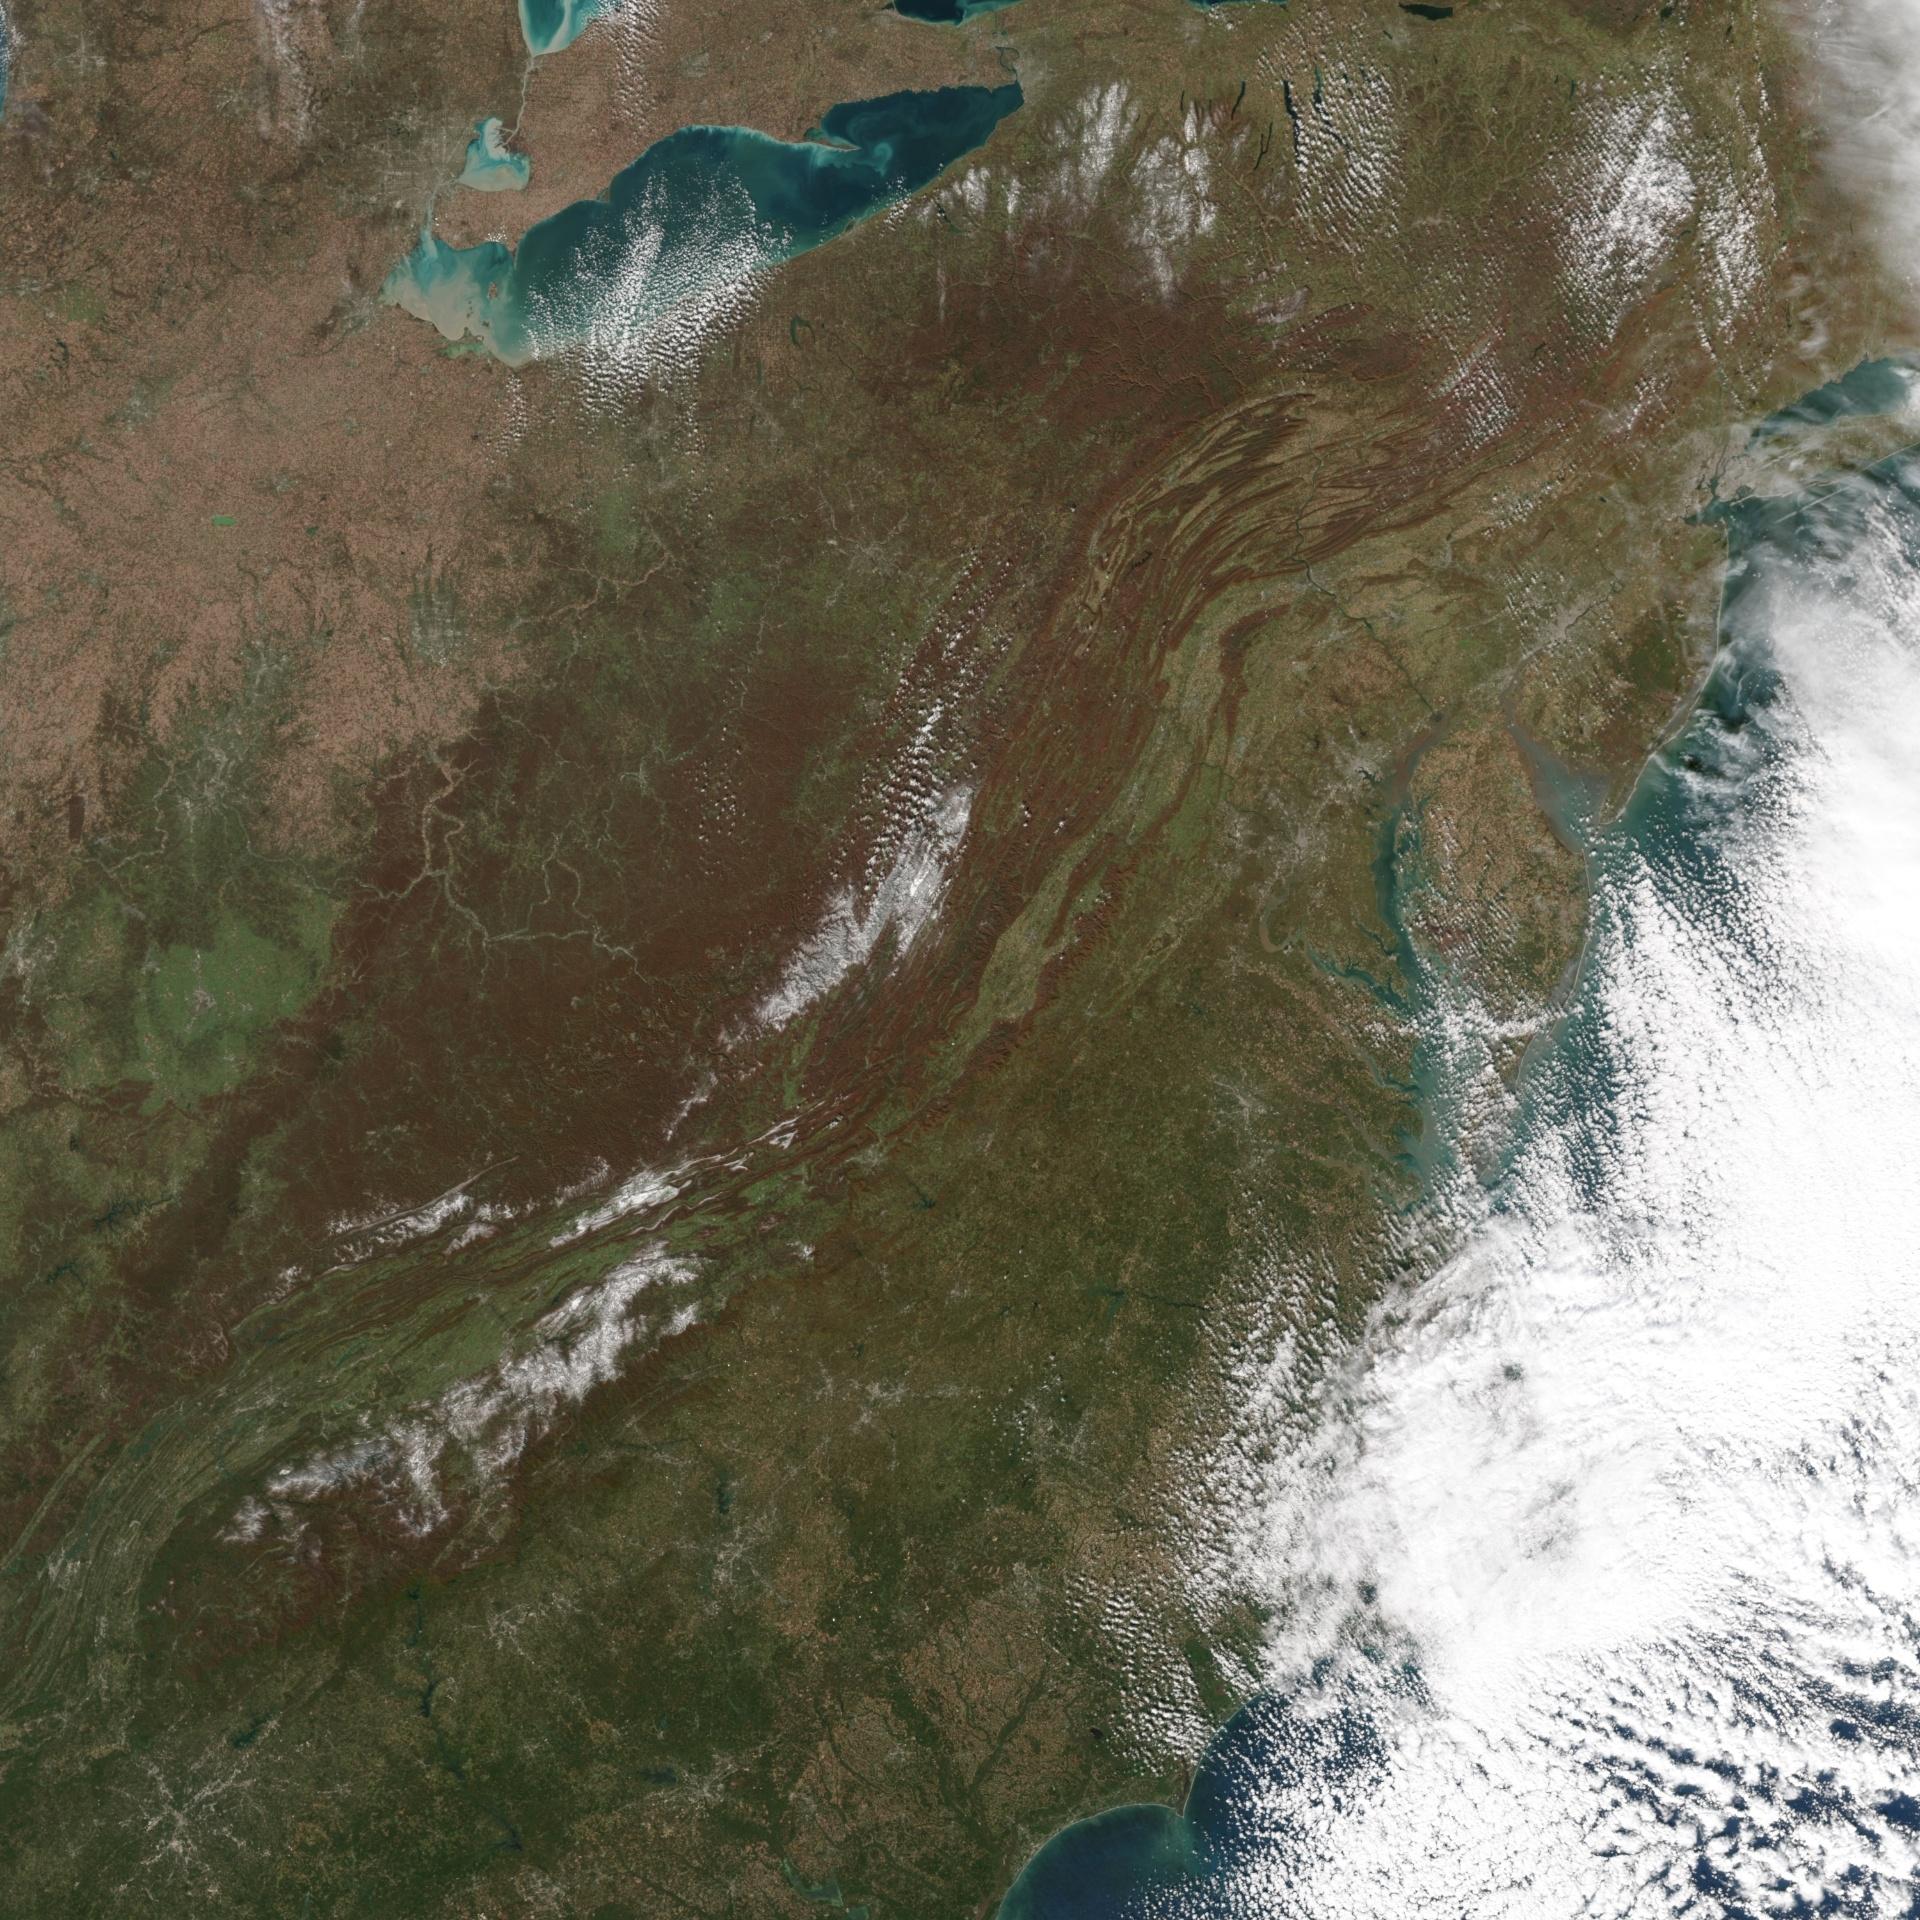 4.nov.2014 - NEVE ANTES DO INVERNO - Um sistema meteorológico potente com origens em Manitoba, no Canadá, levou neve e geada para a Flórida, em regiões que às vezes não há neve nem no inverno. A imagem, obtida por um satélite da Nasa (agência espacial americana), mostra o sul da cordilheira dos Apalaches, ao longo da fronteira do Tennessee, que também apresentou neve